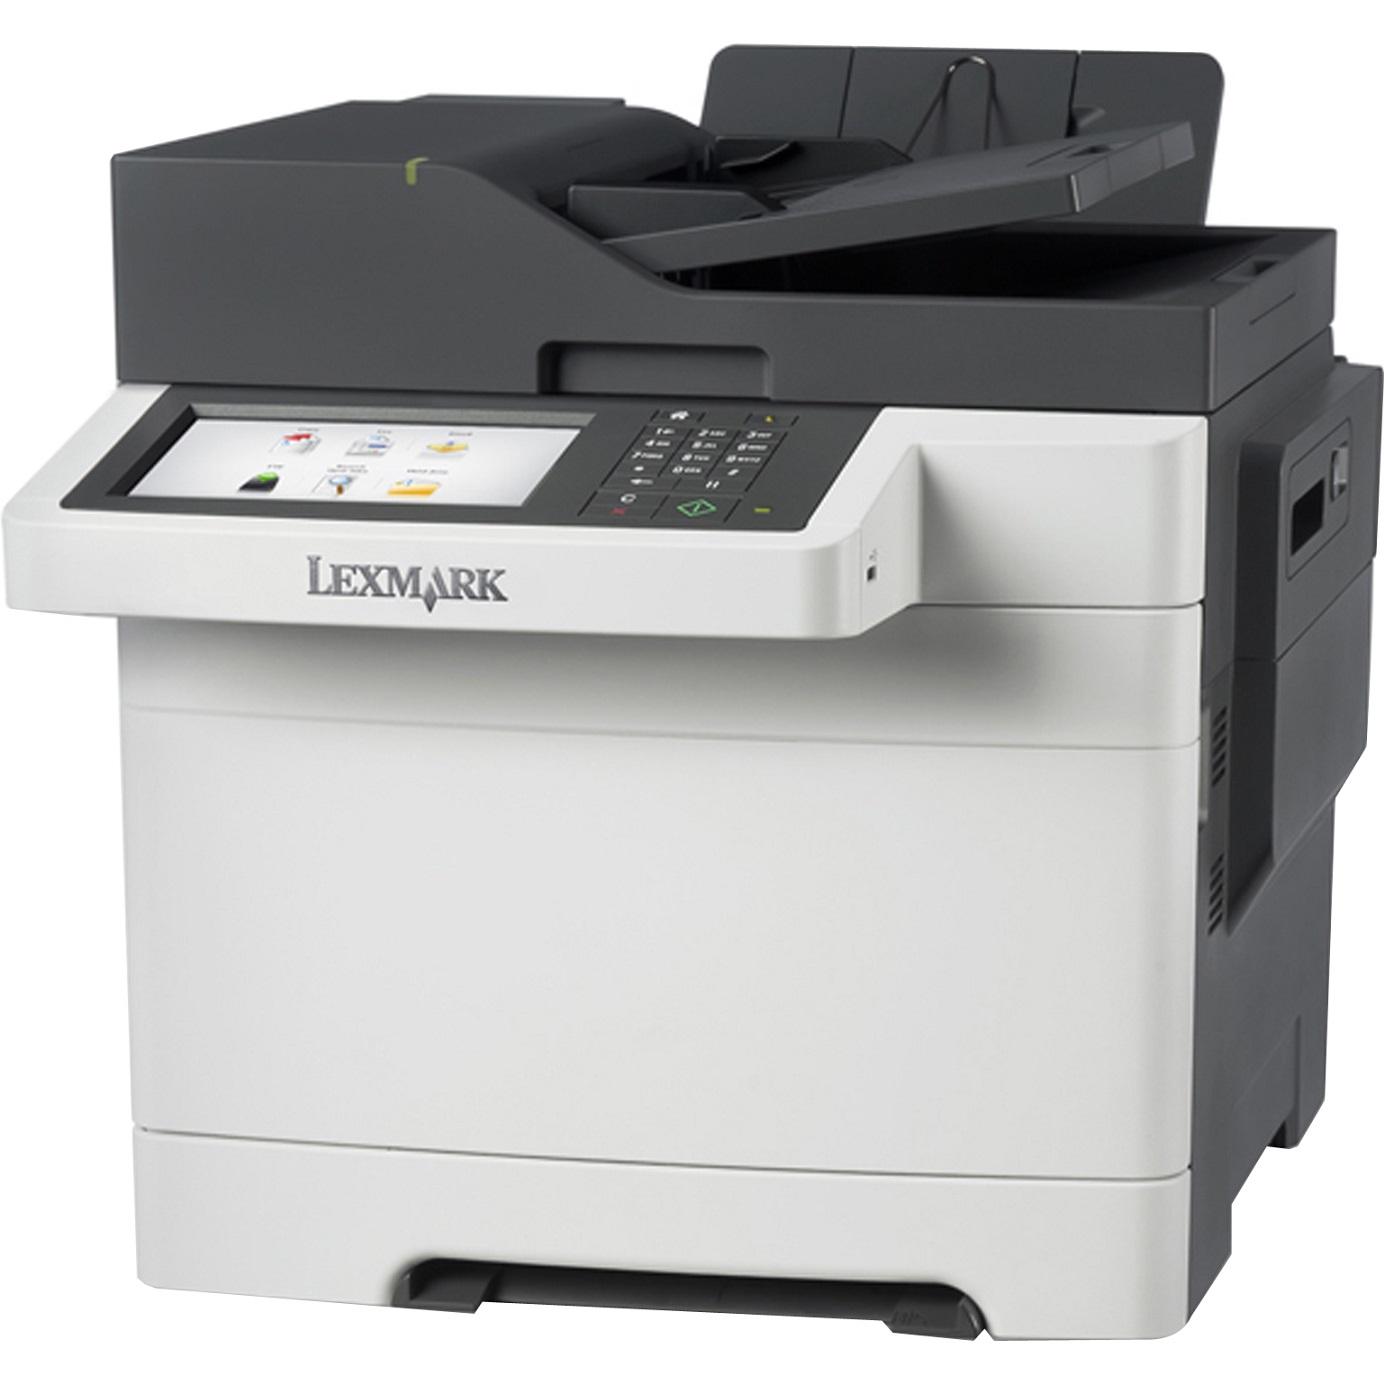 Lexmark CX510dhe,A4,1200x1200dpi,30ppm,duplex,LAN